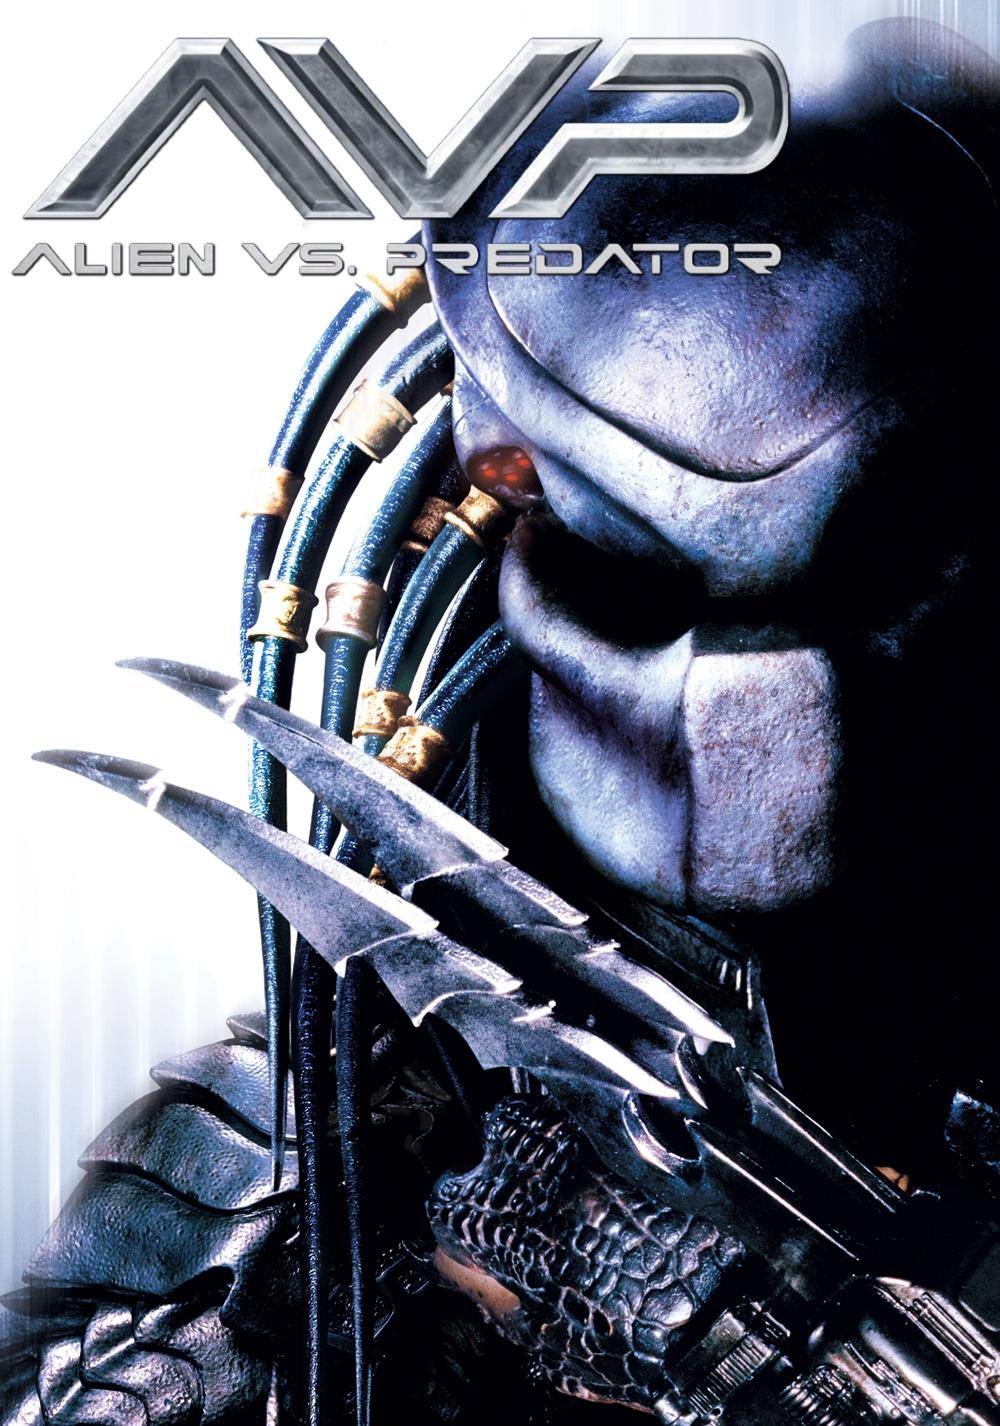 Alien Vs Predator  Full Movie Download